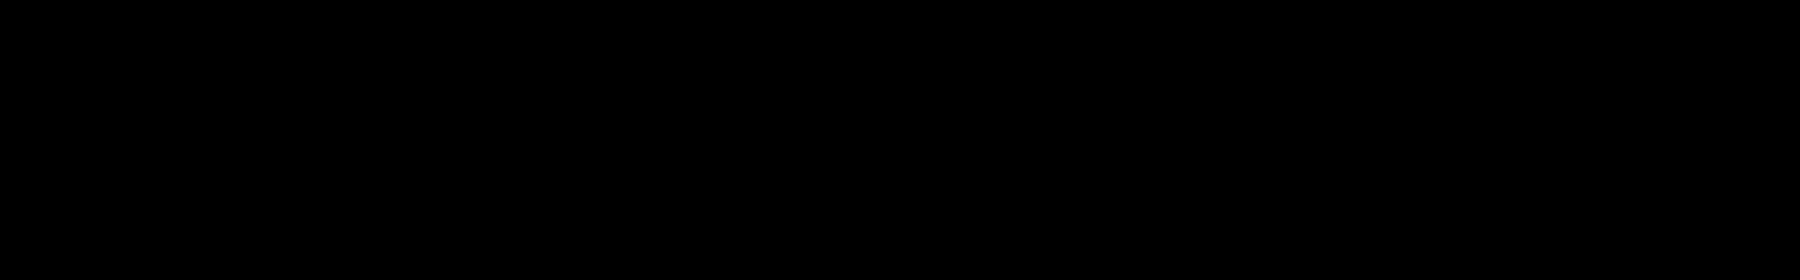 Cherenkov Radiation audio waveform